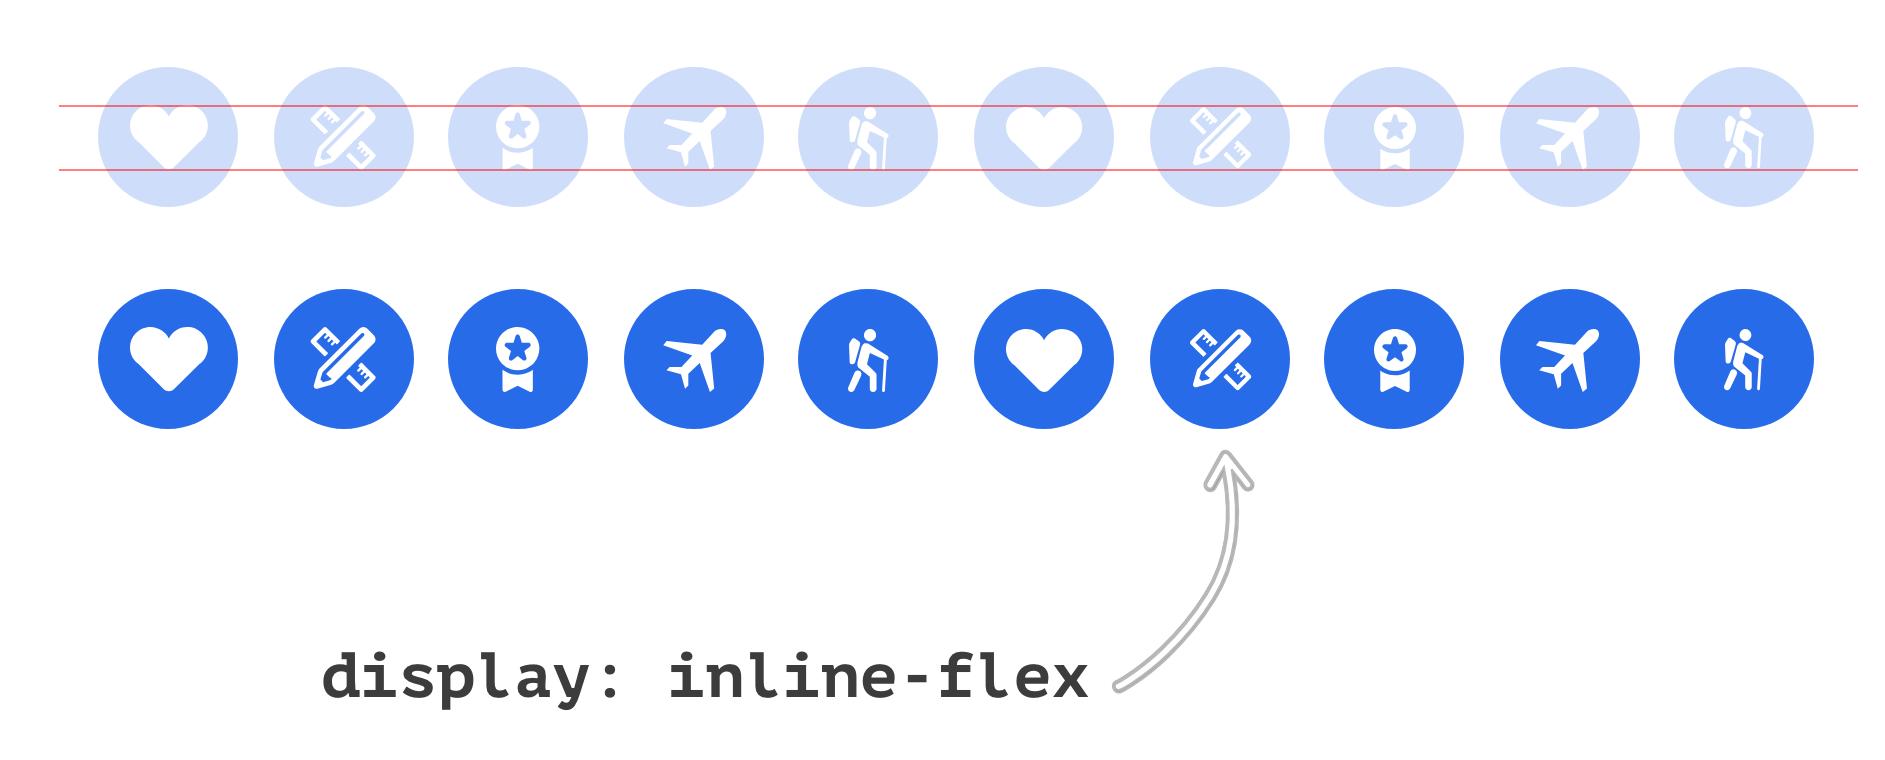 Мистический inline-flex и что он делает - Stas Bagretsov - Medium